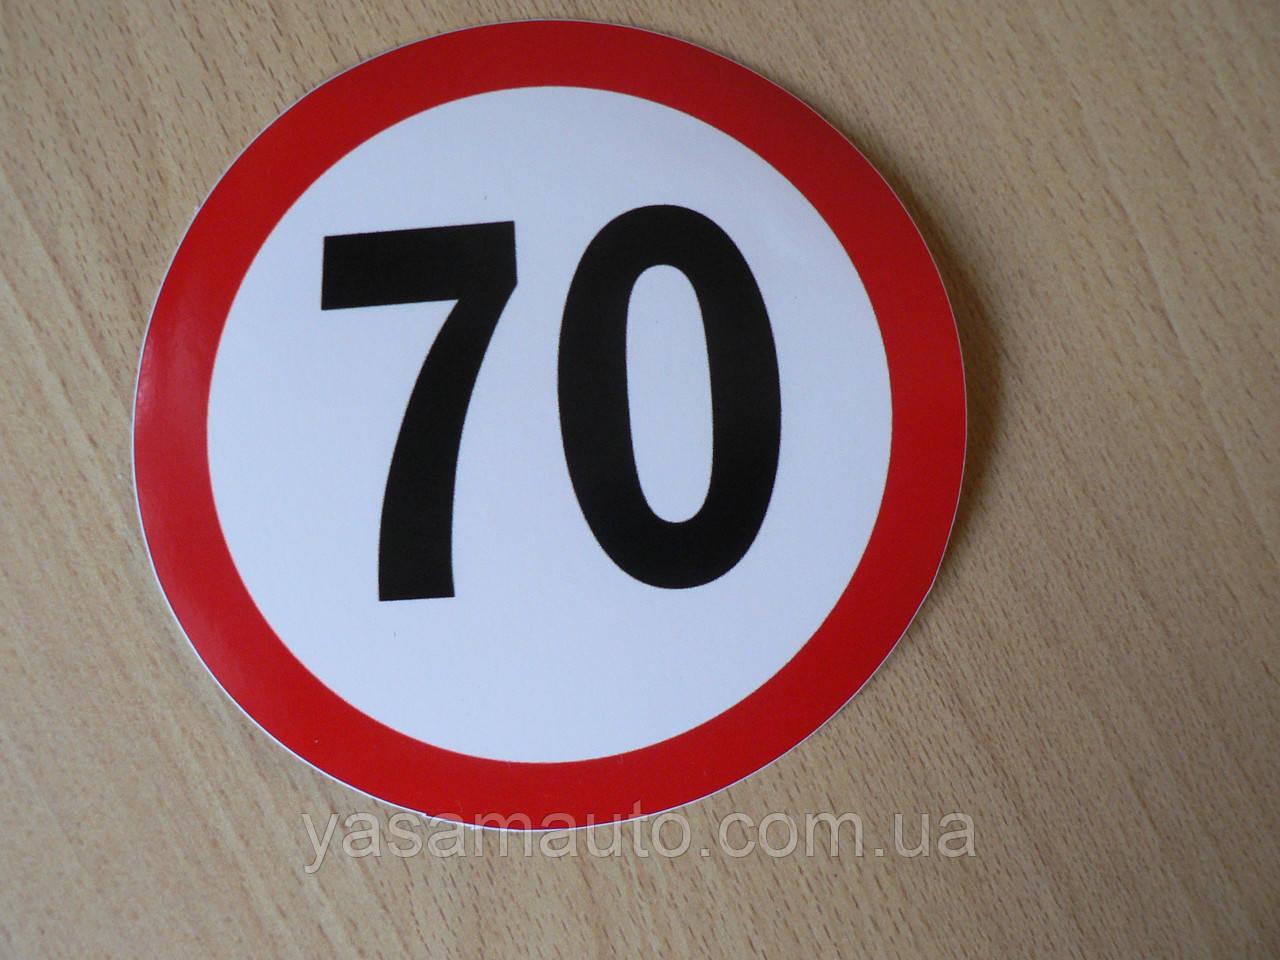 Наклейка п3к знак 70 Ф=122мм круглая глянцевая ограничение скорости семьдесят на авто ученик за рулем